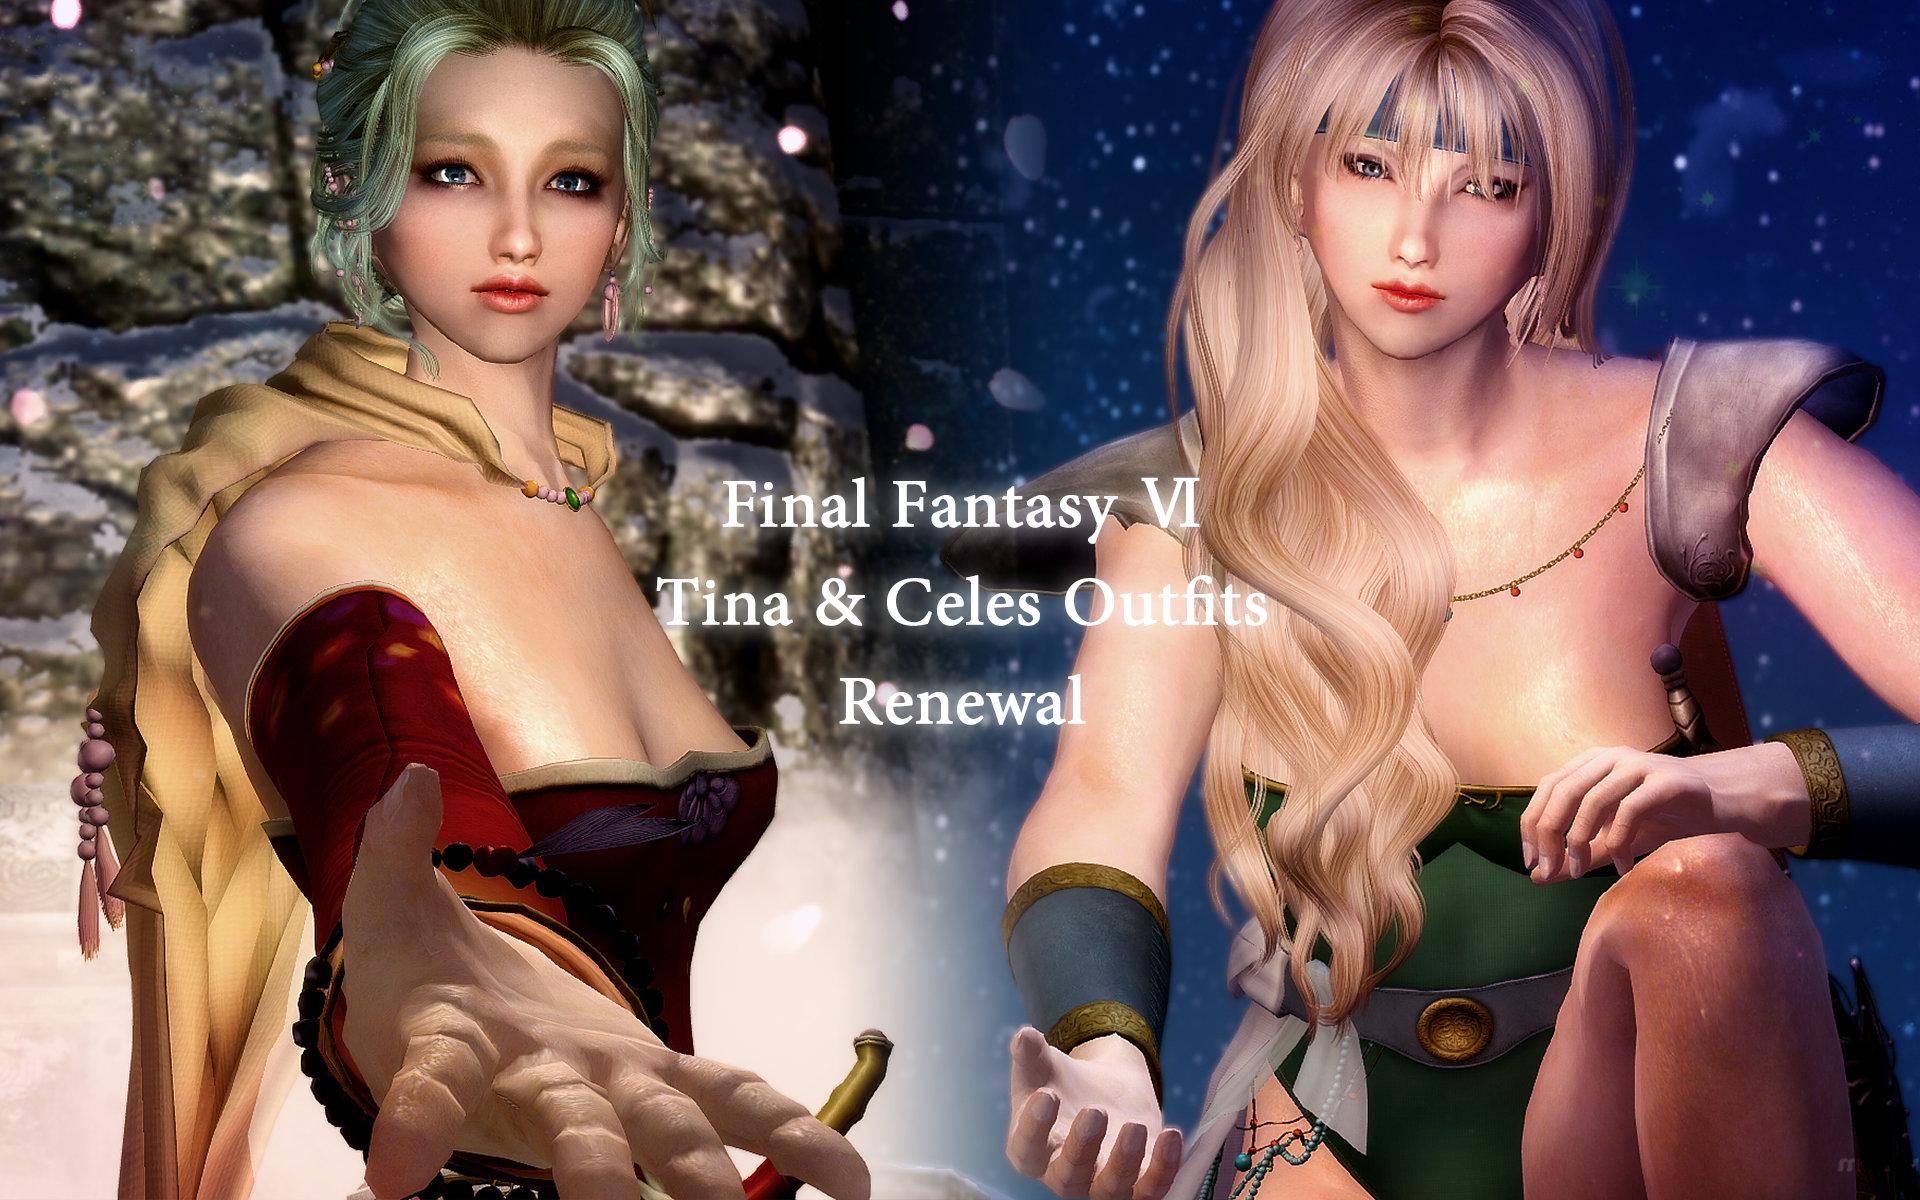 Tina&Celes Outfits Renewal